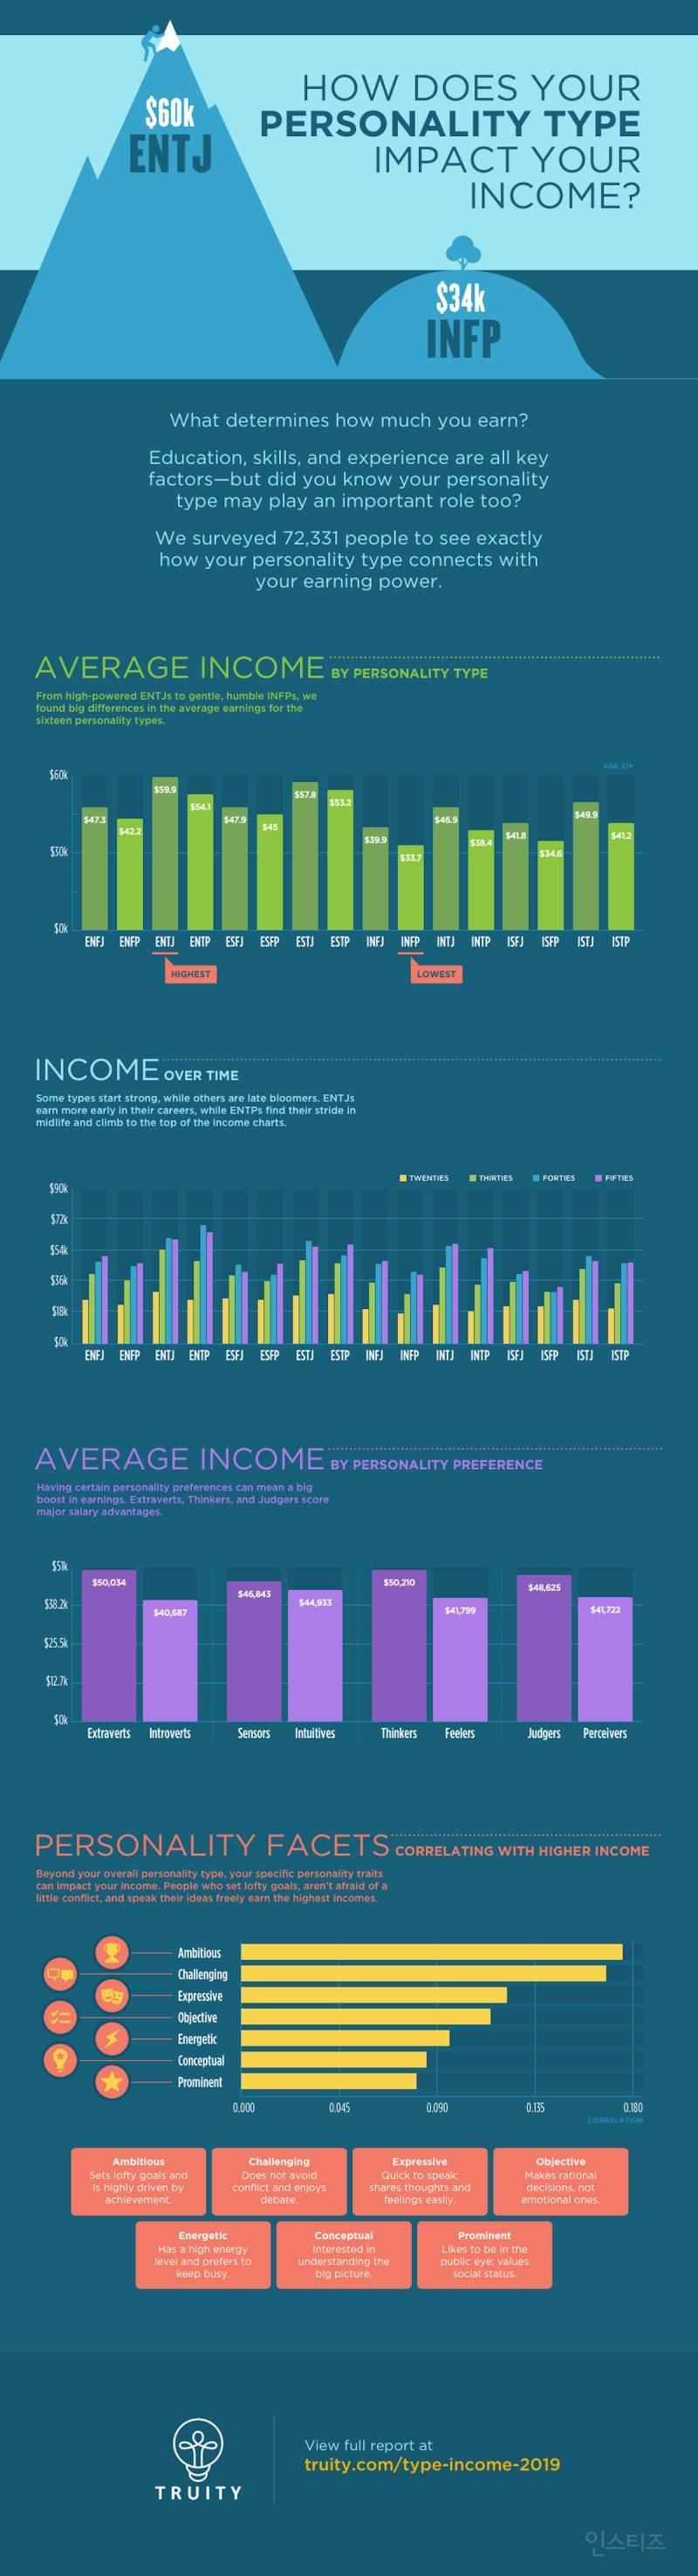 MBTI별 평균 연간 수입 | 인스티즈